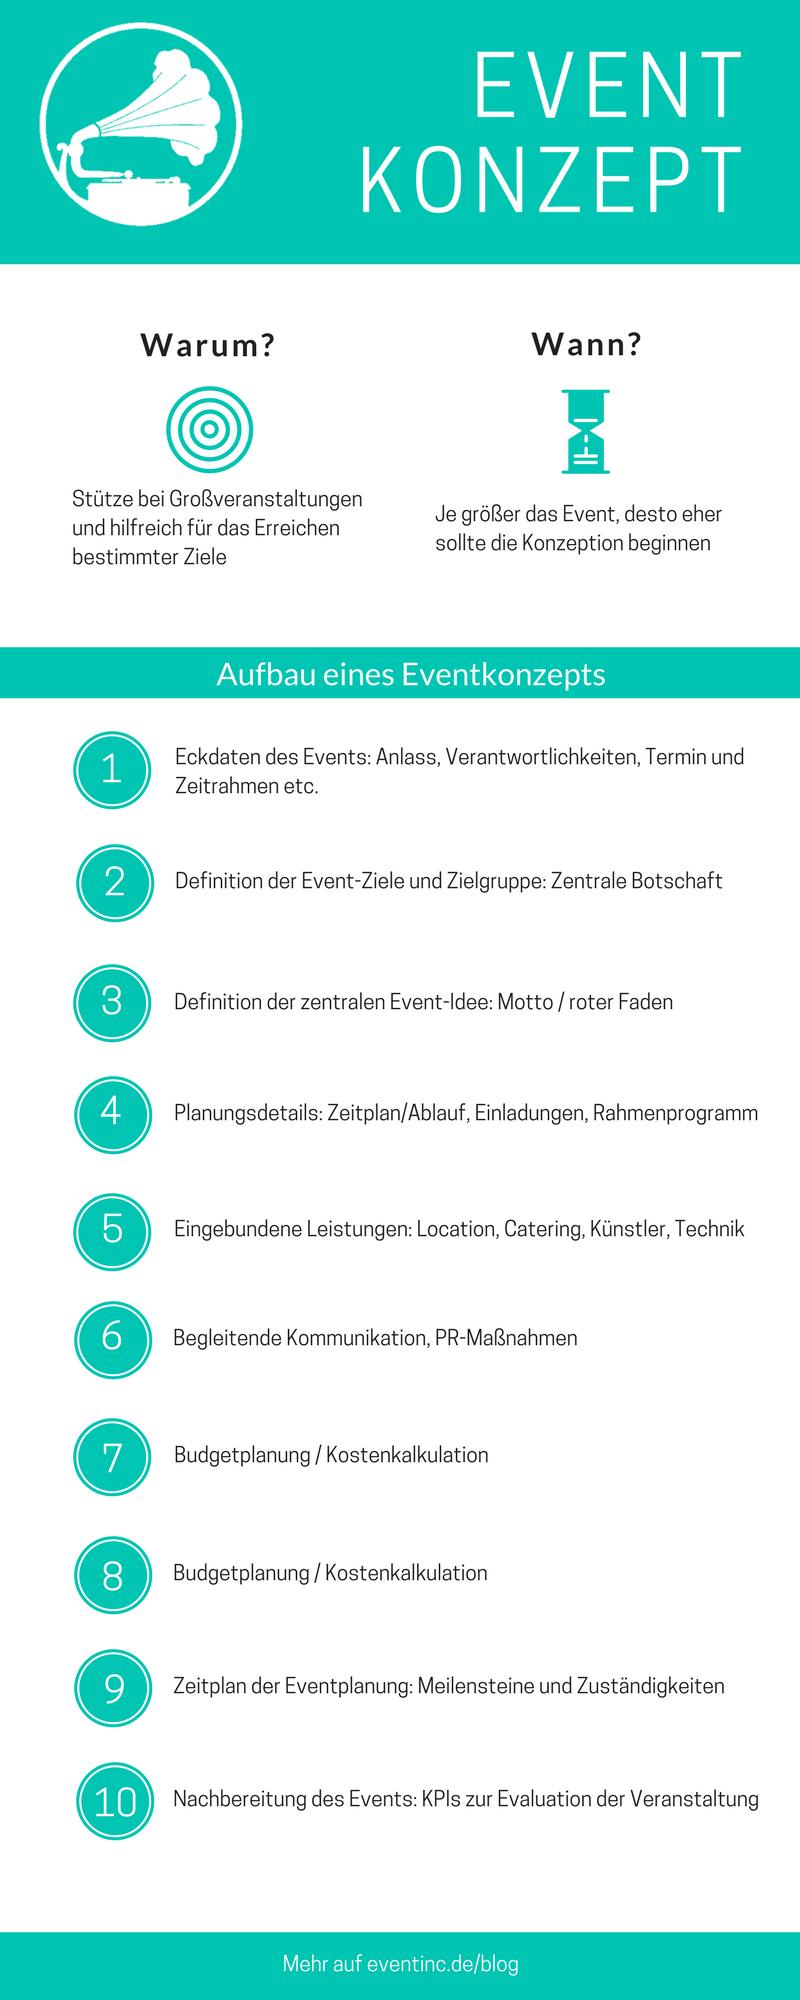 Eventkonzept Der Ultimative Bauplan Fur Ihr Veranstaltungskonzept Konzept Event Planung Veranstaltung